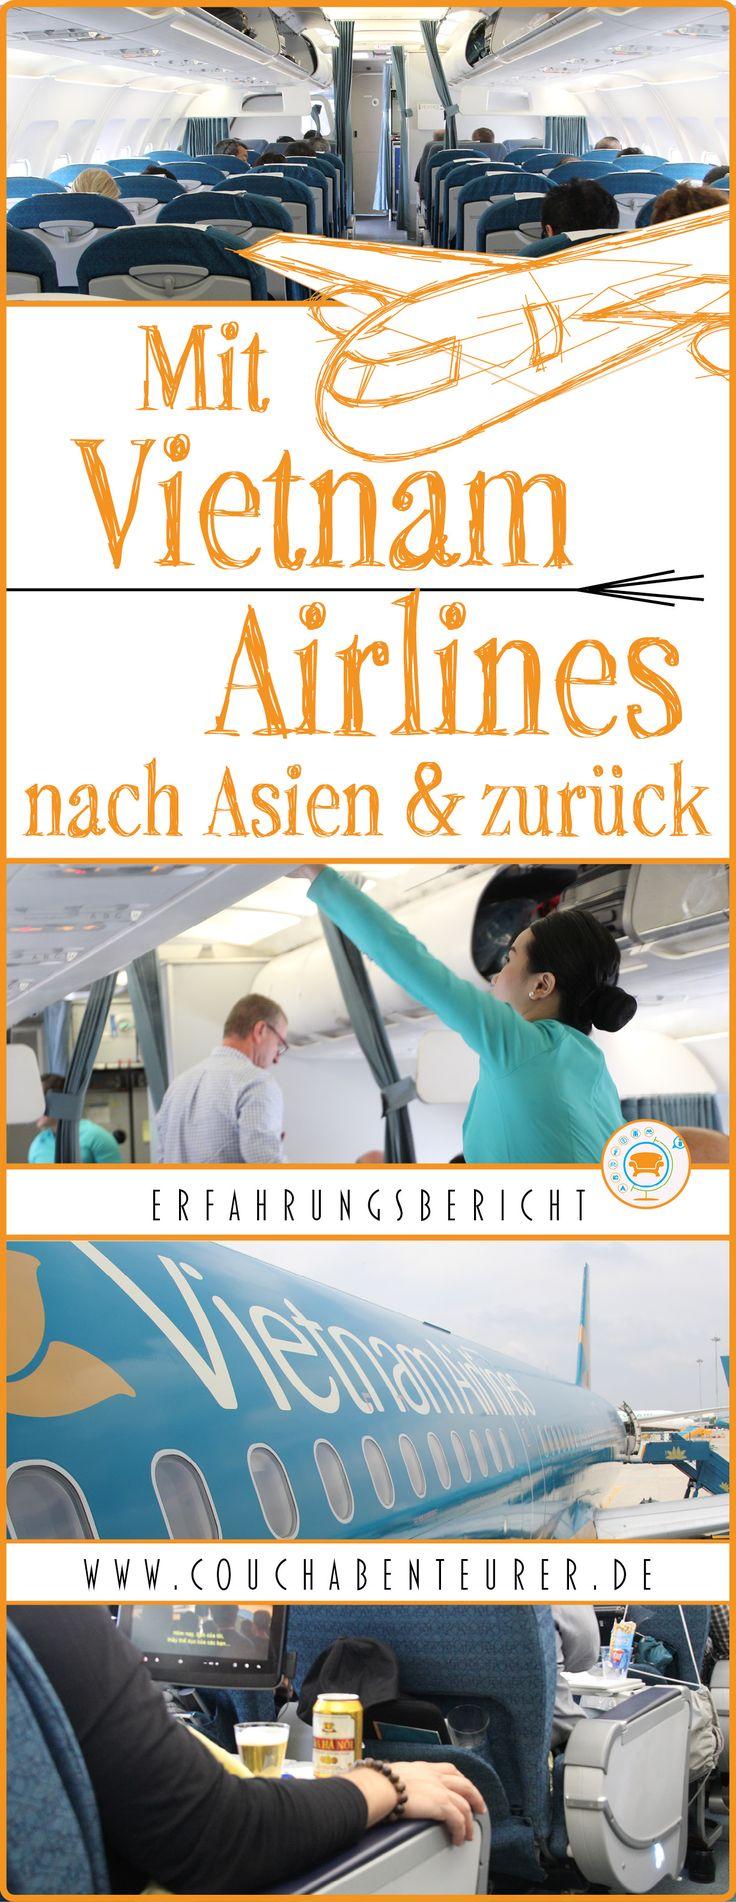 Mein Erfahrungsbericht von dem Flug mit dem Dreamliner von Vietnam Airlines von Deutschland nach Asien. Alle Infos zu Sauberkeit, Essen bis Entertainment.